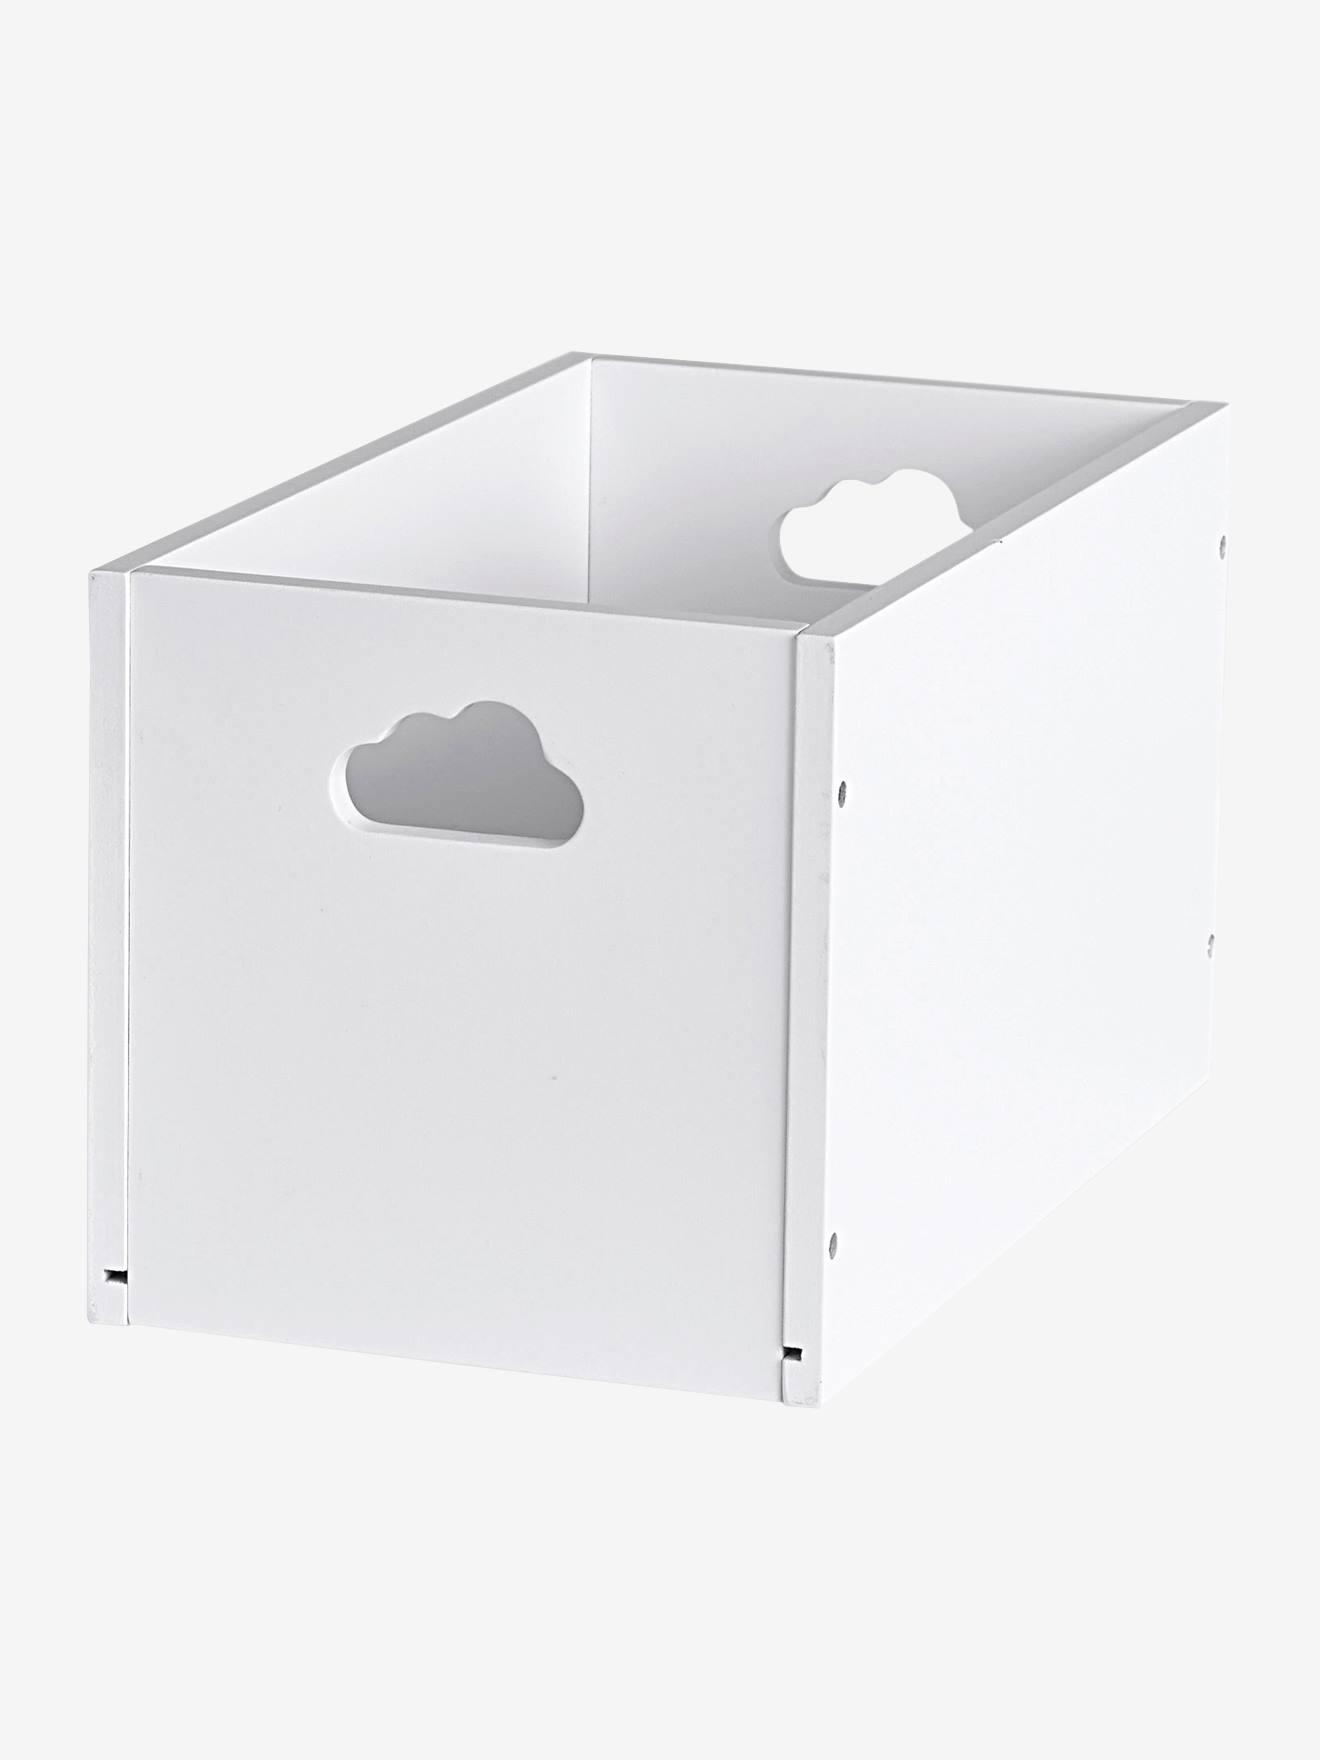 aufbewahrungsbox aus holz grau deko aufbewahren. Black Bedroom Furniture Sets. Home Design Ideas